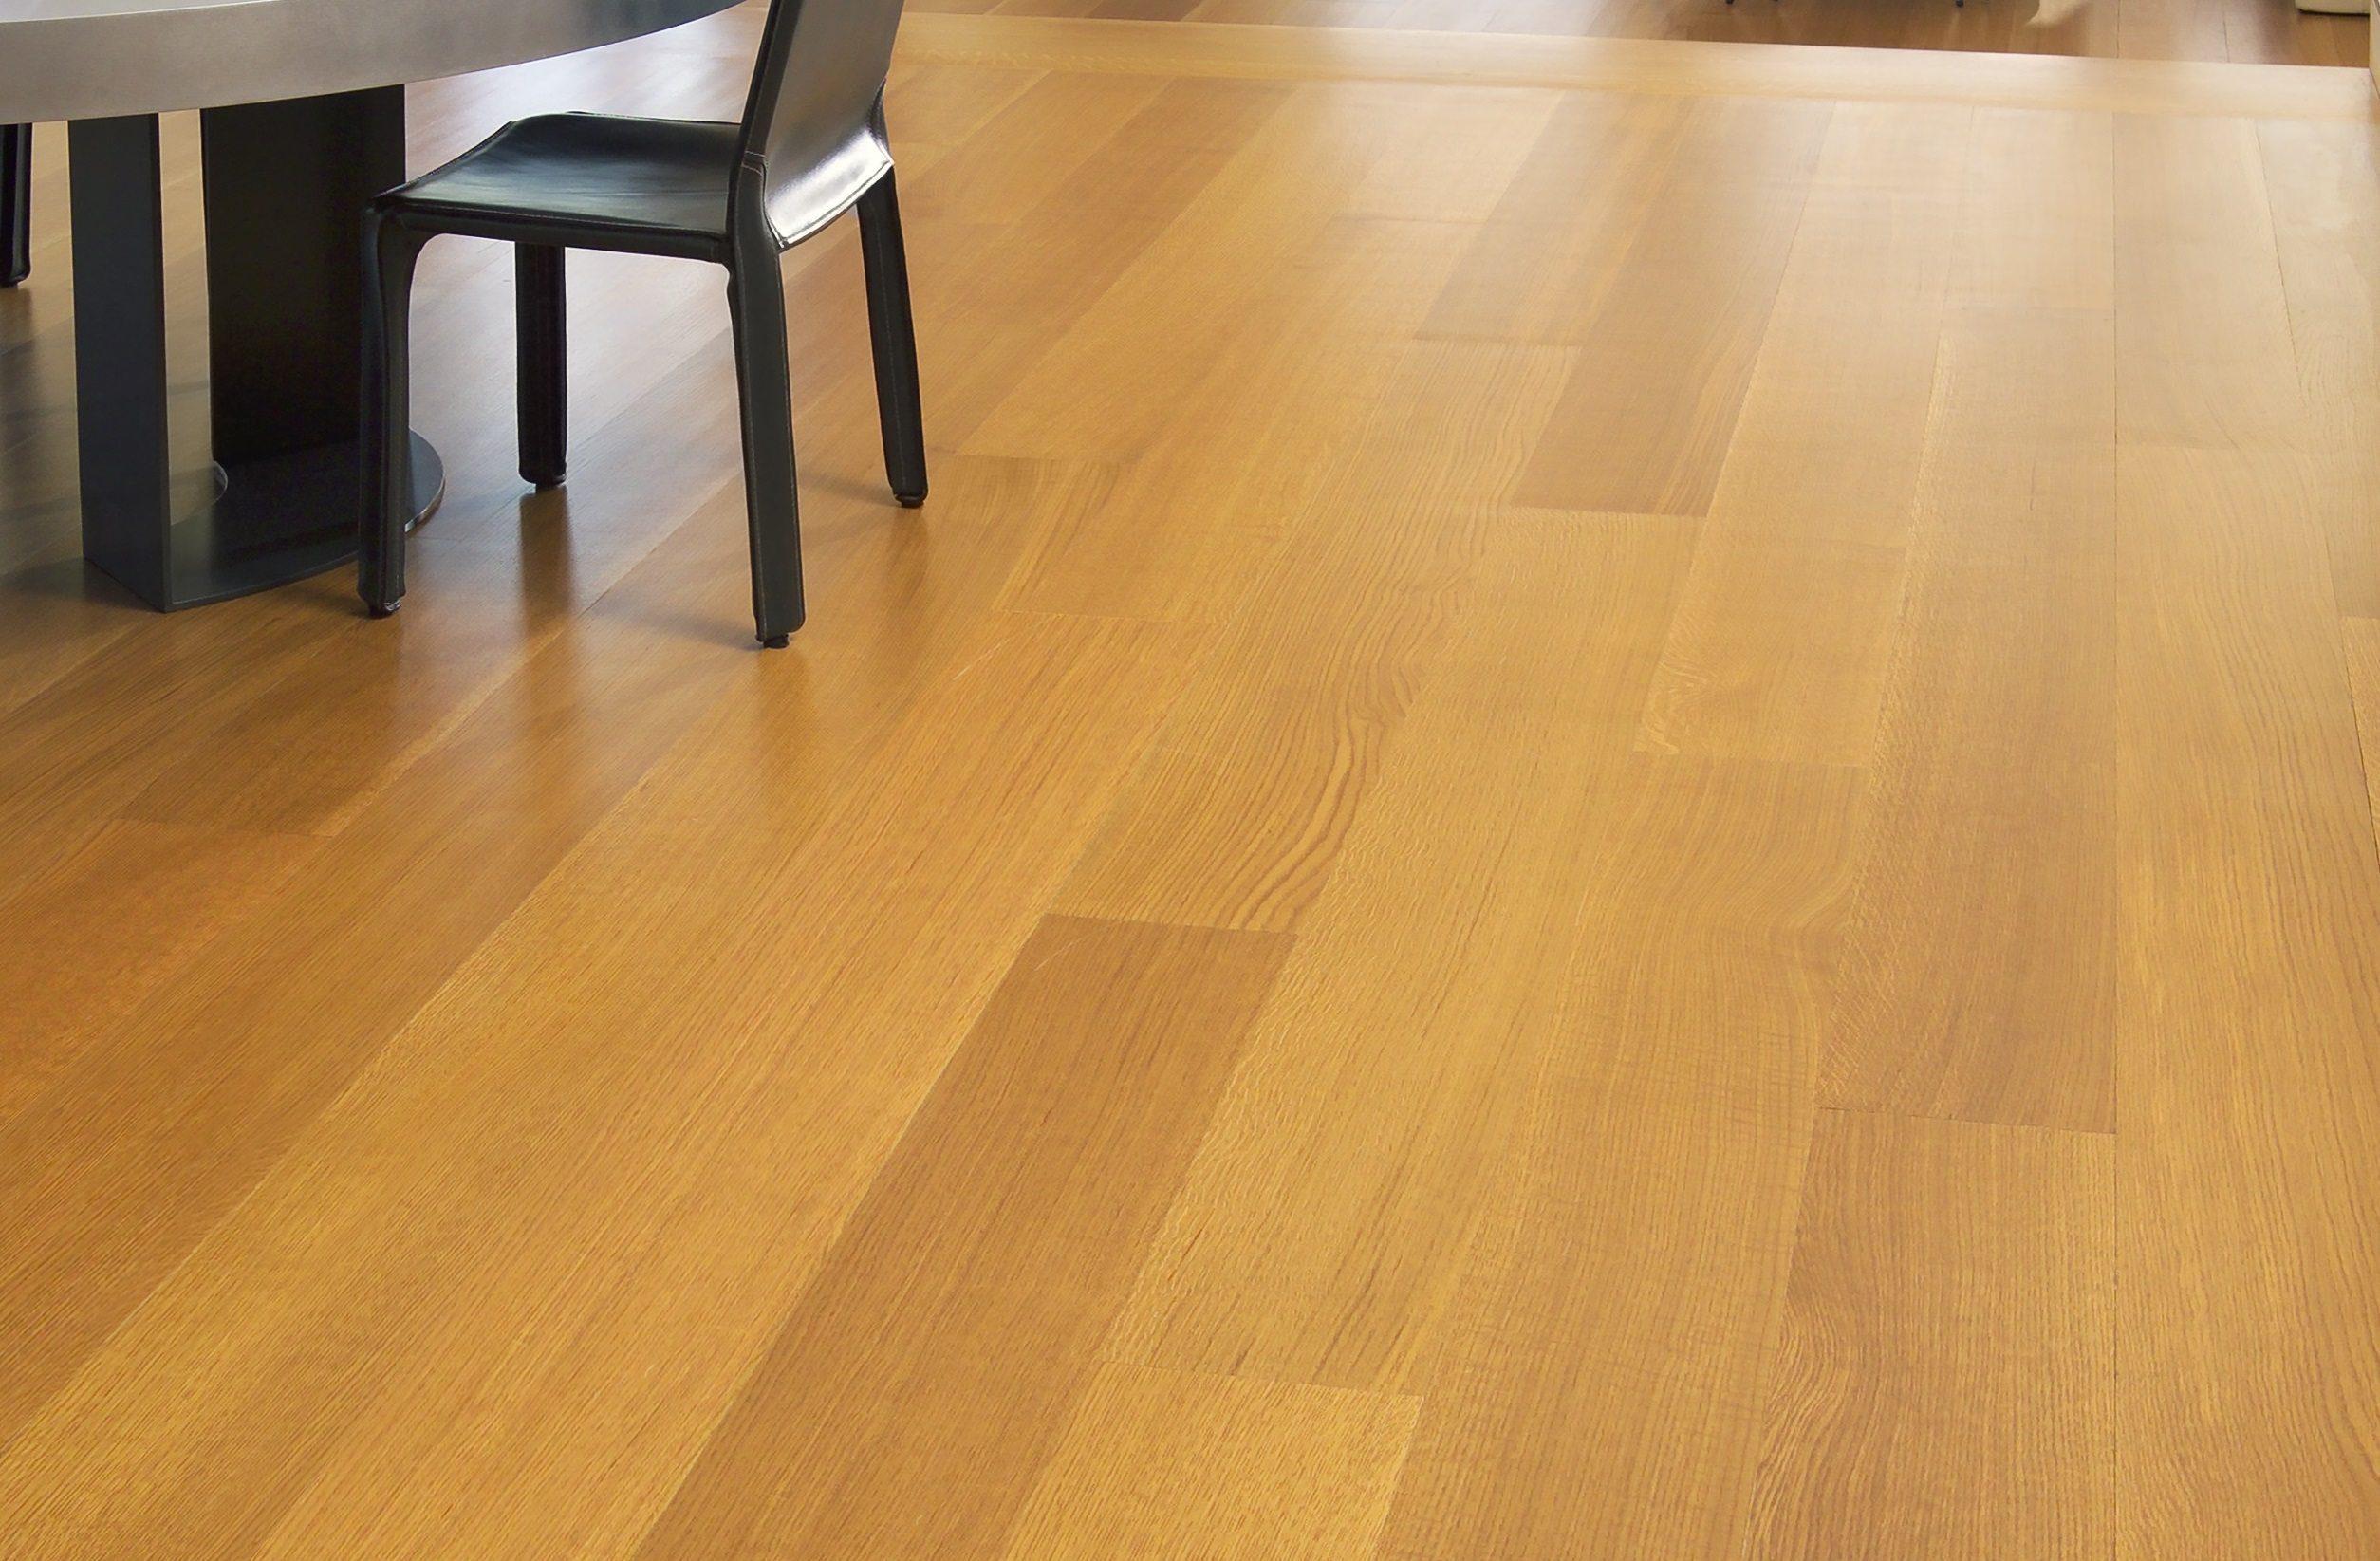 Engineered Wood Flooring Carlisle